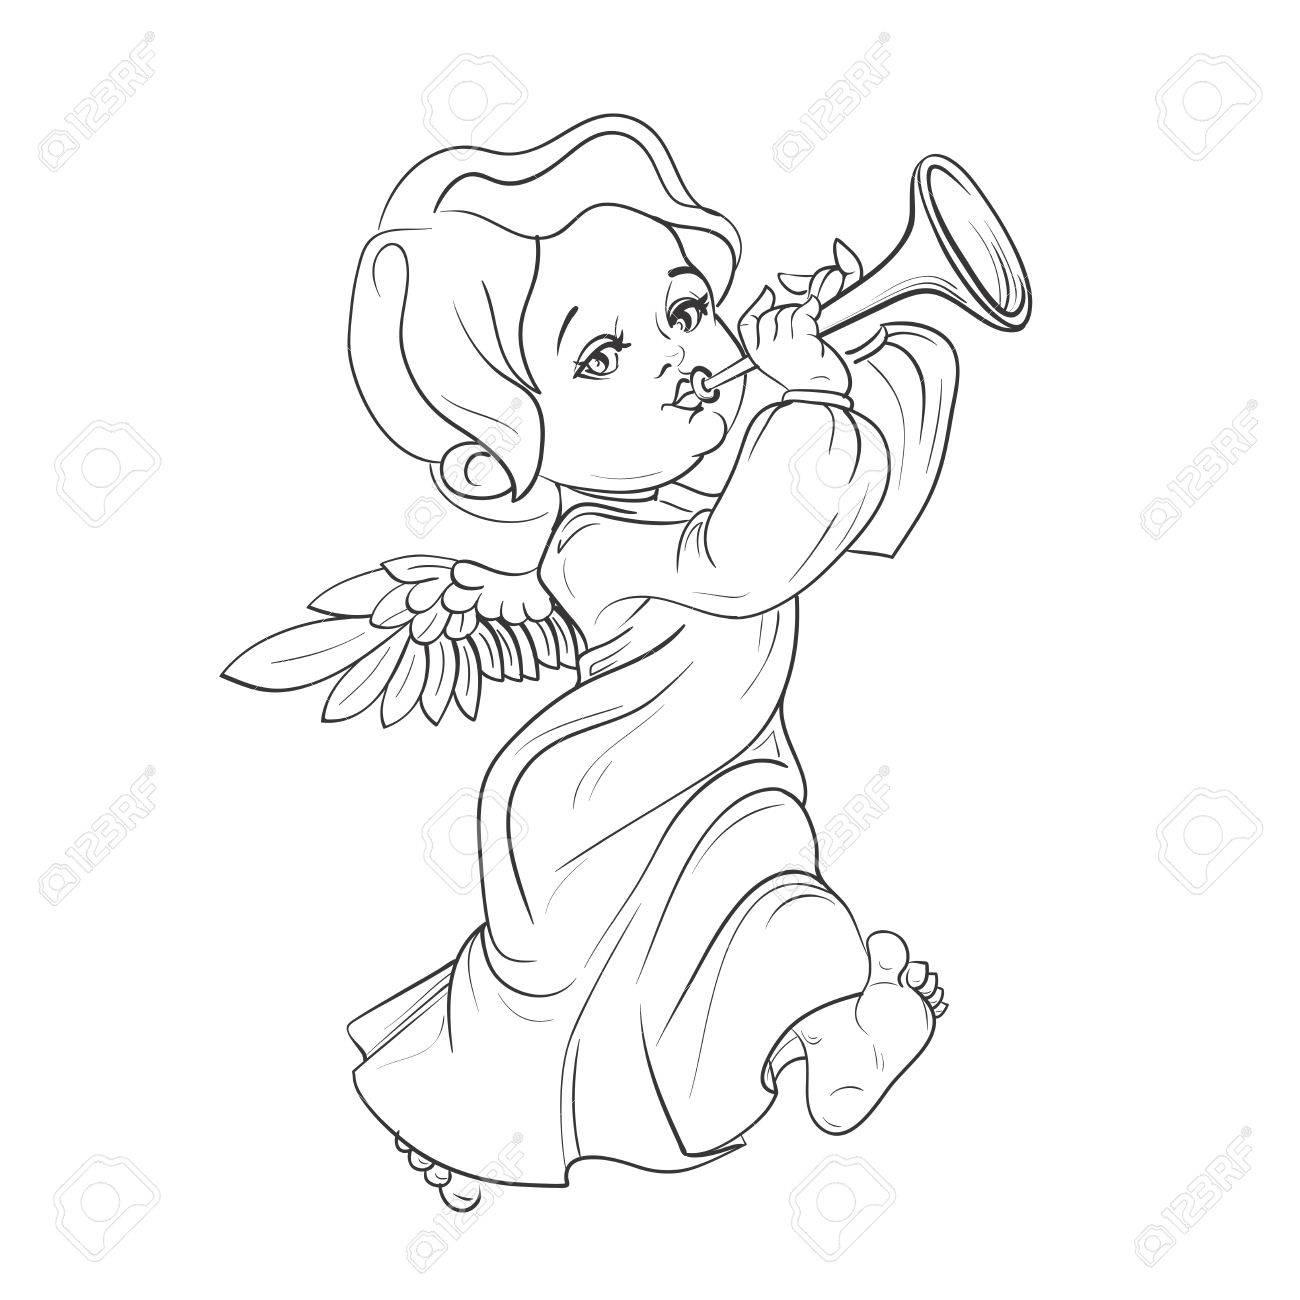 かわいい笑顔天使幼児にトランペットを演奏する音楽を作るします